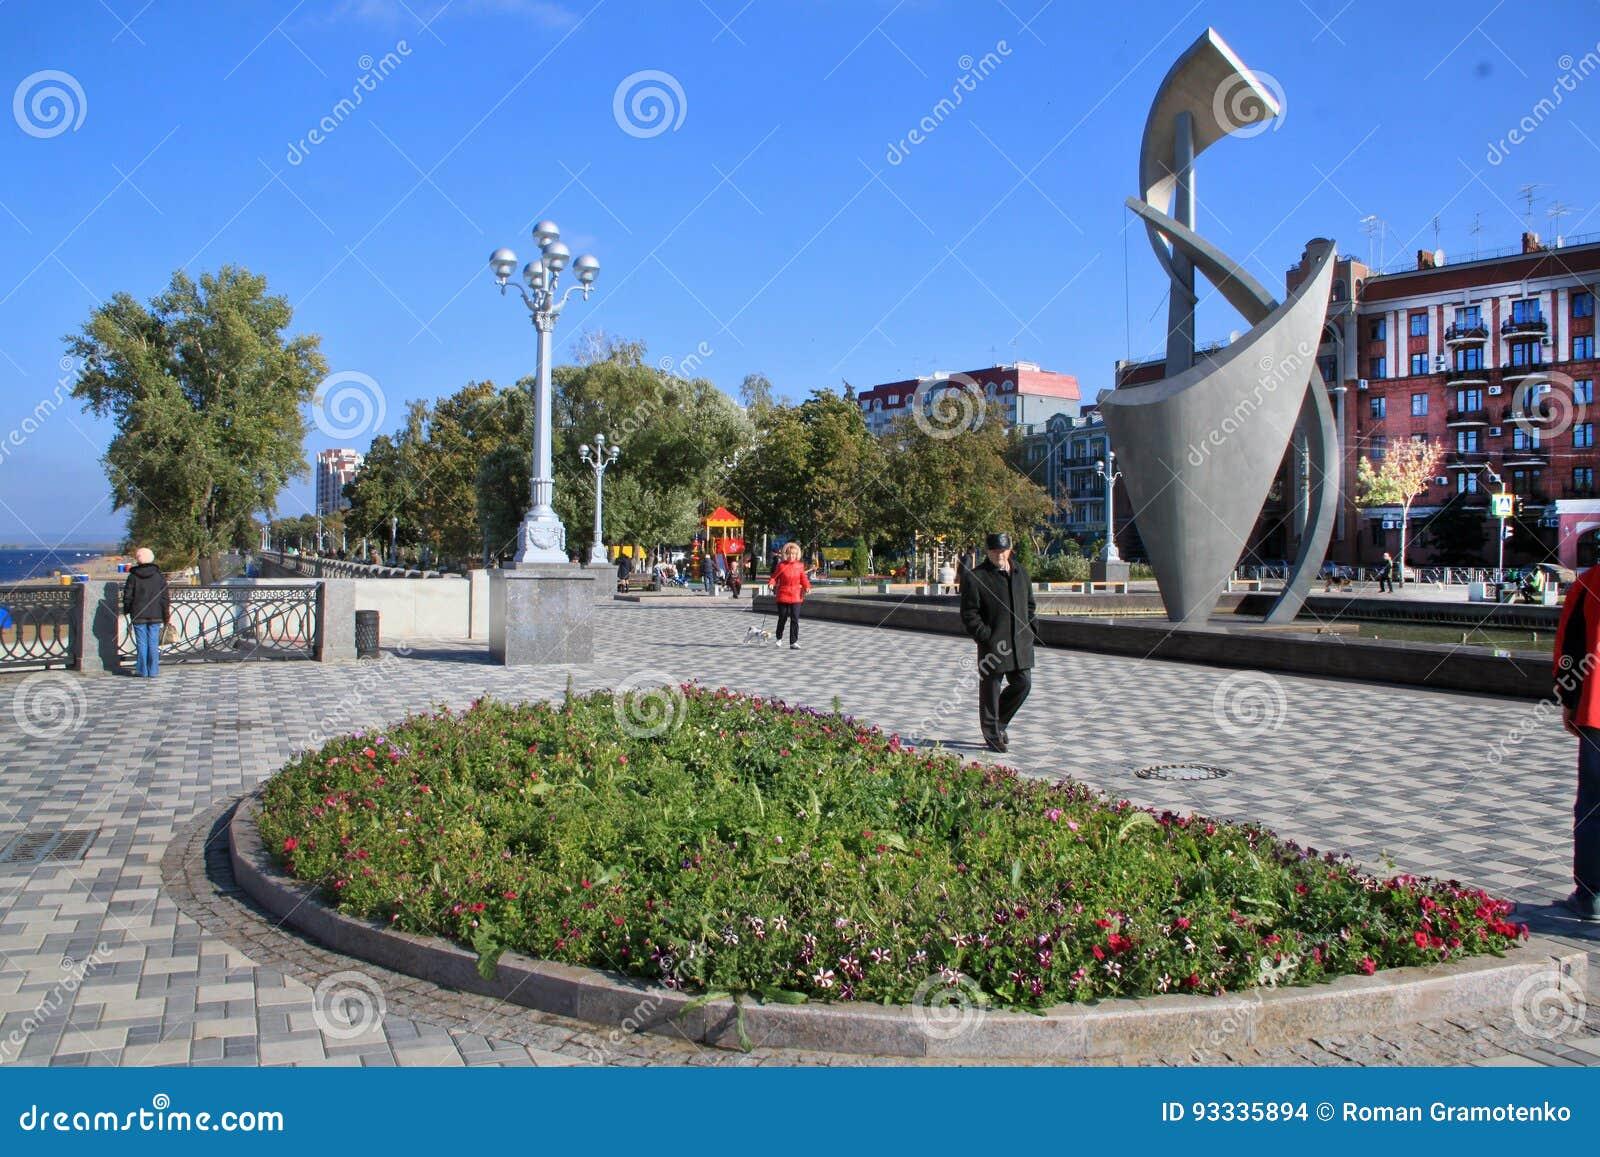 Ακτή στην πόλη της Samara, Ρωσική Ομοσπονδία